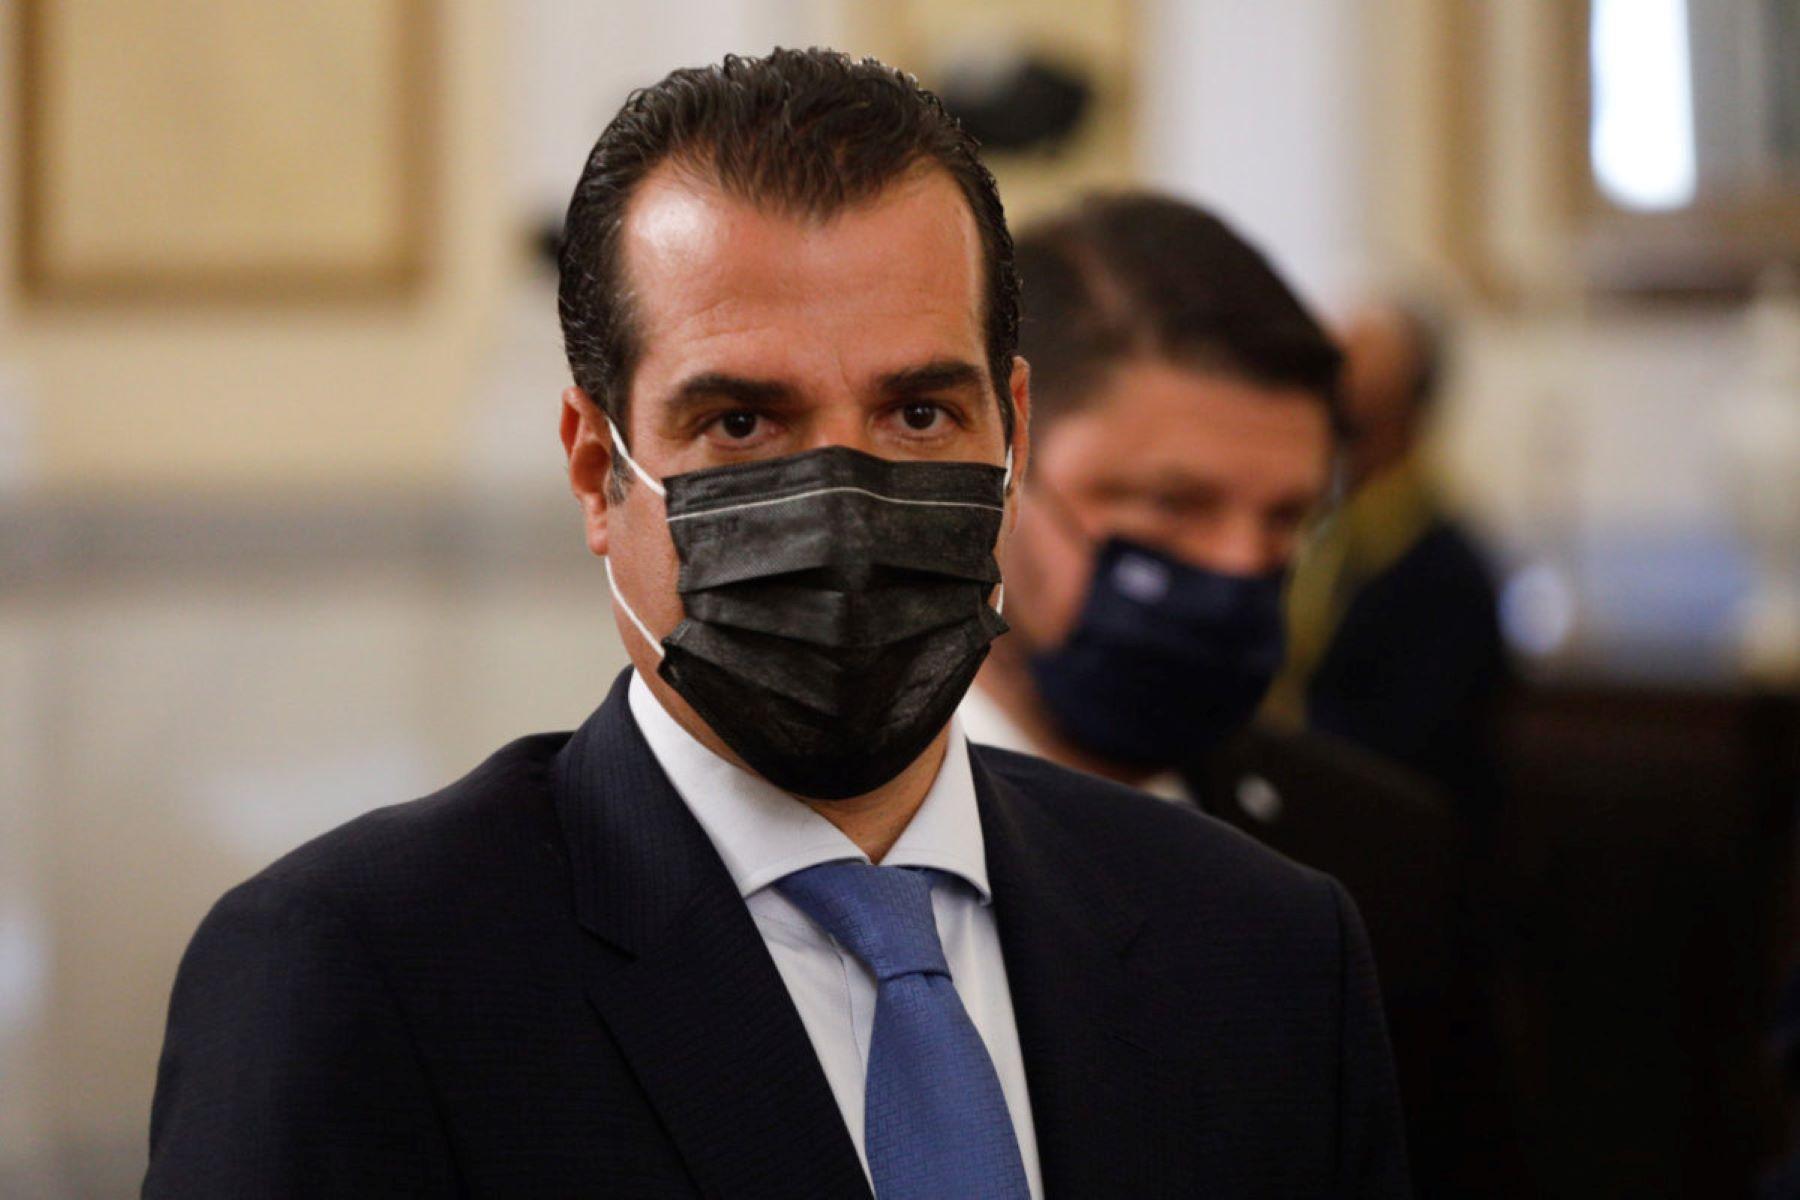 Θάνος Πλεύρης :Αδιάβαστος εμφανίστηκε ο Τσίπρας για τα θέματα του Υπουργείου Υγείας